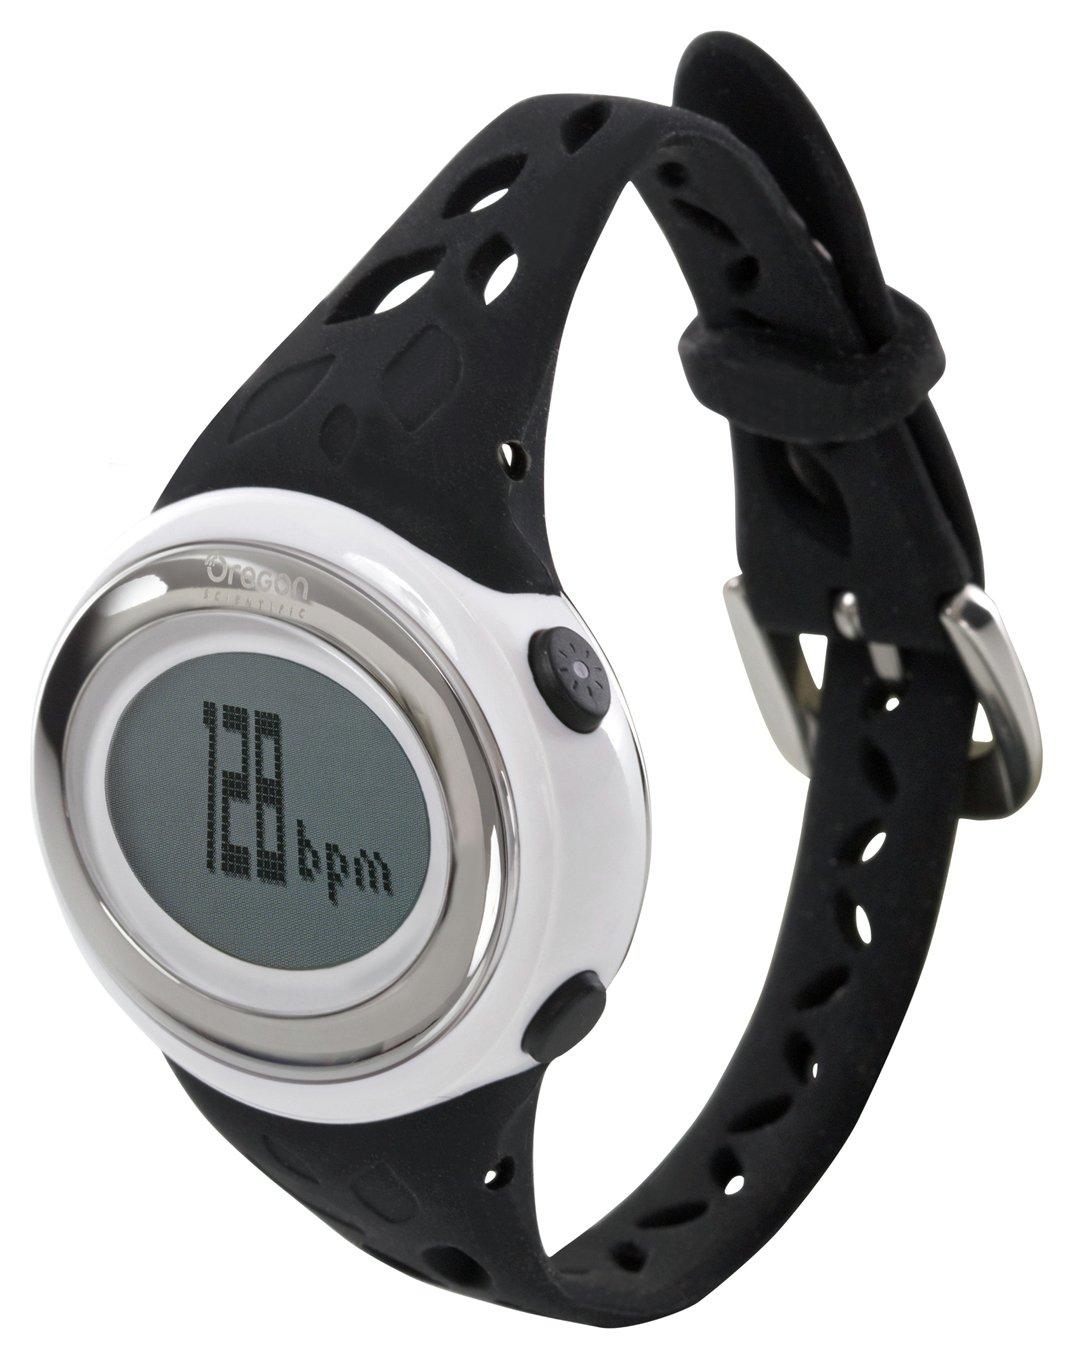 oregon-se332-zone-trainer-20-monitor